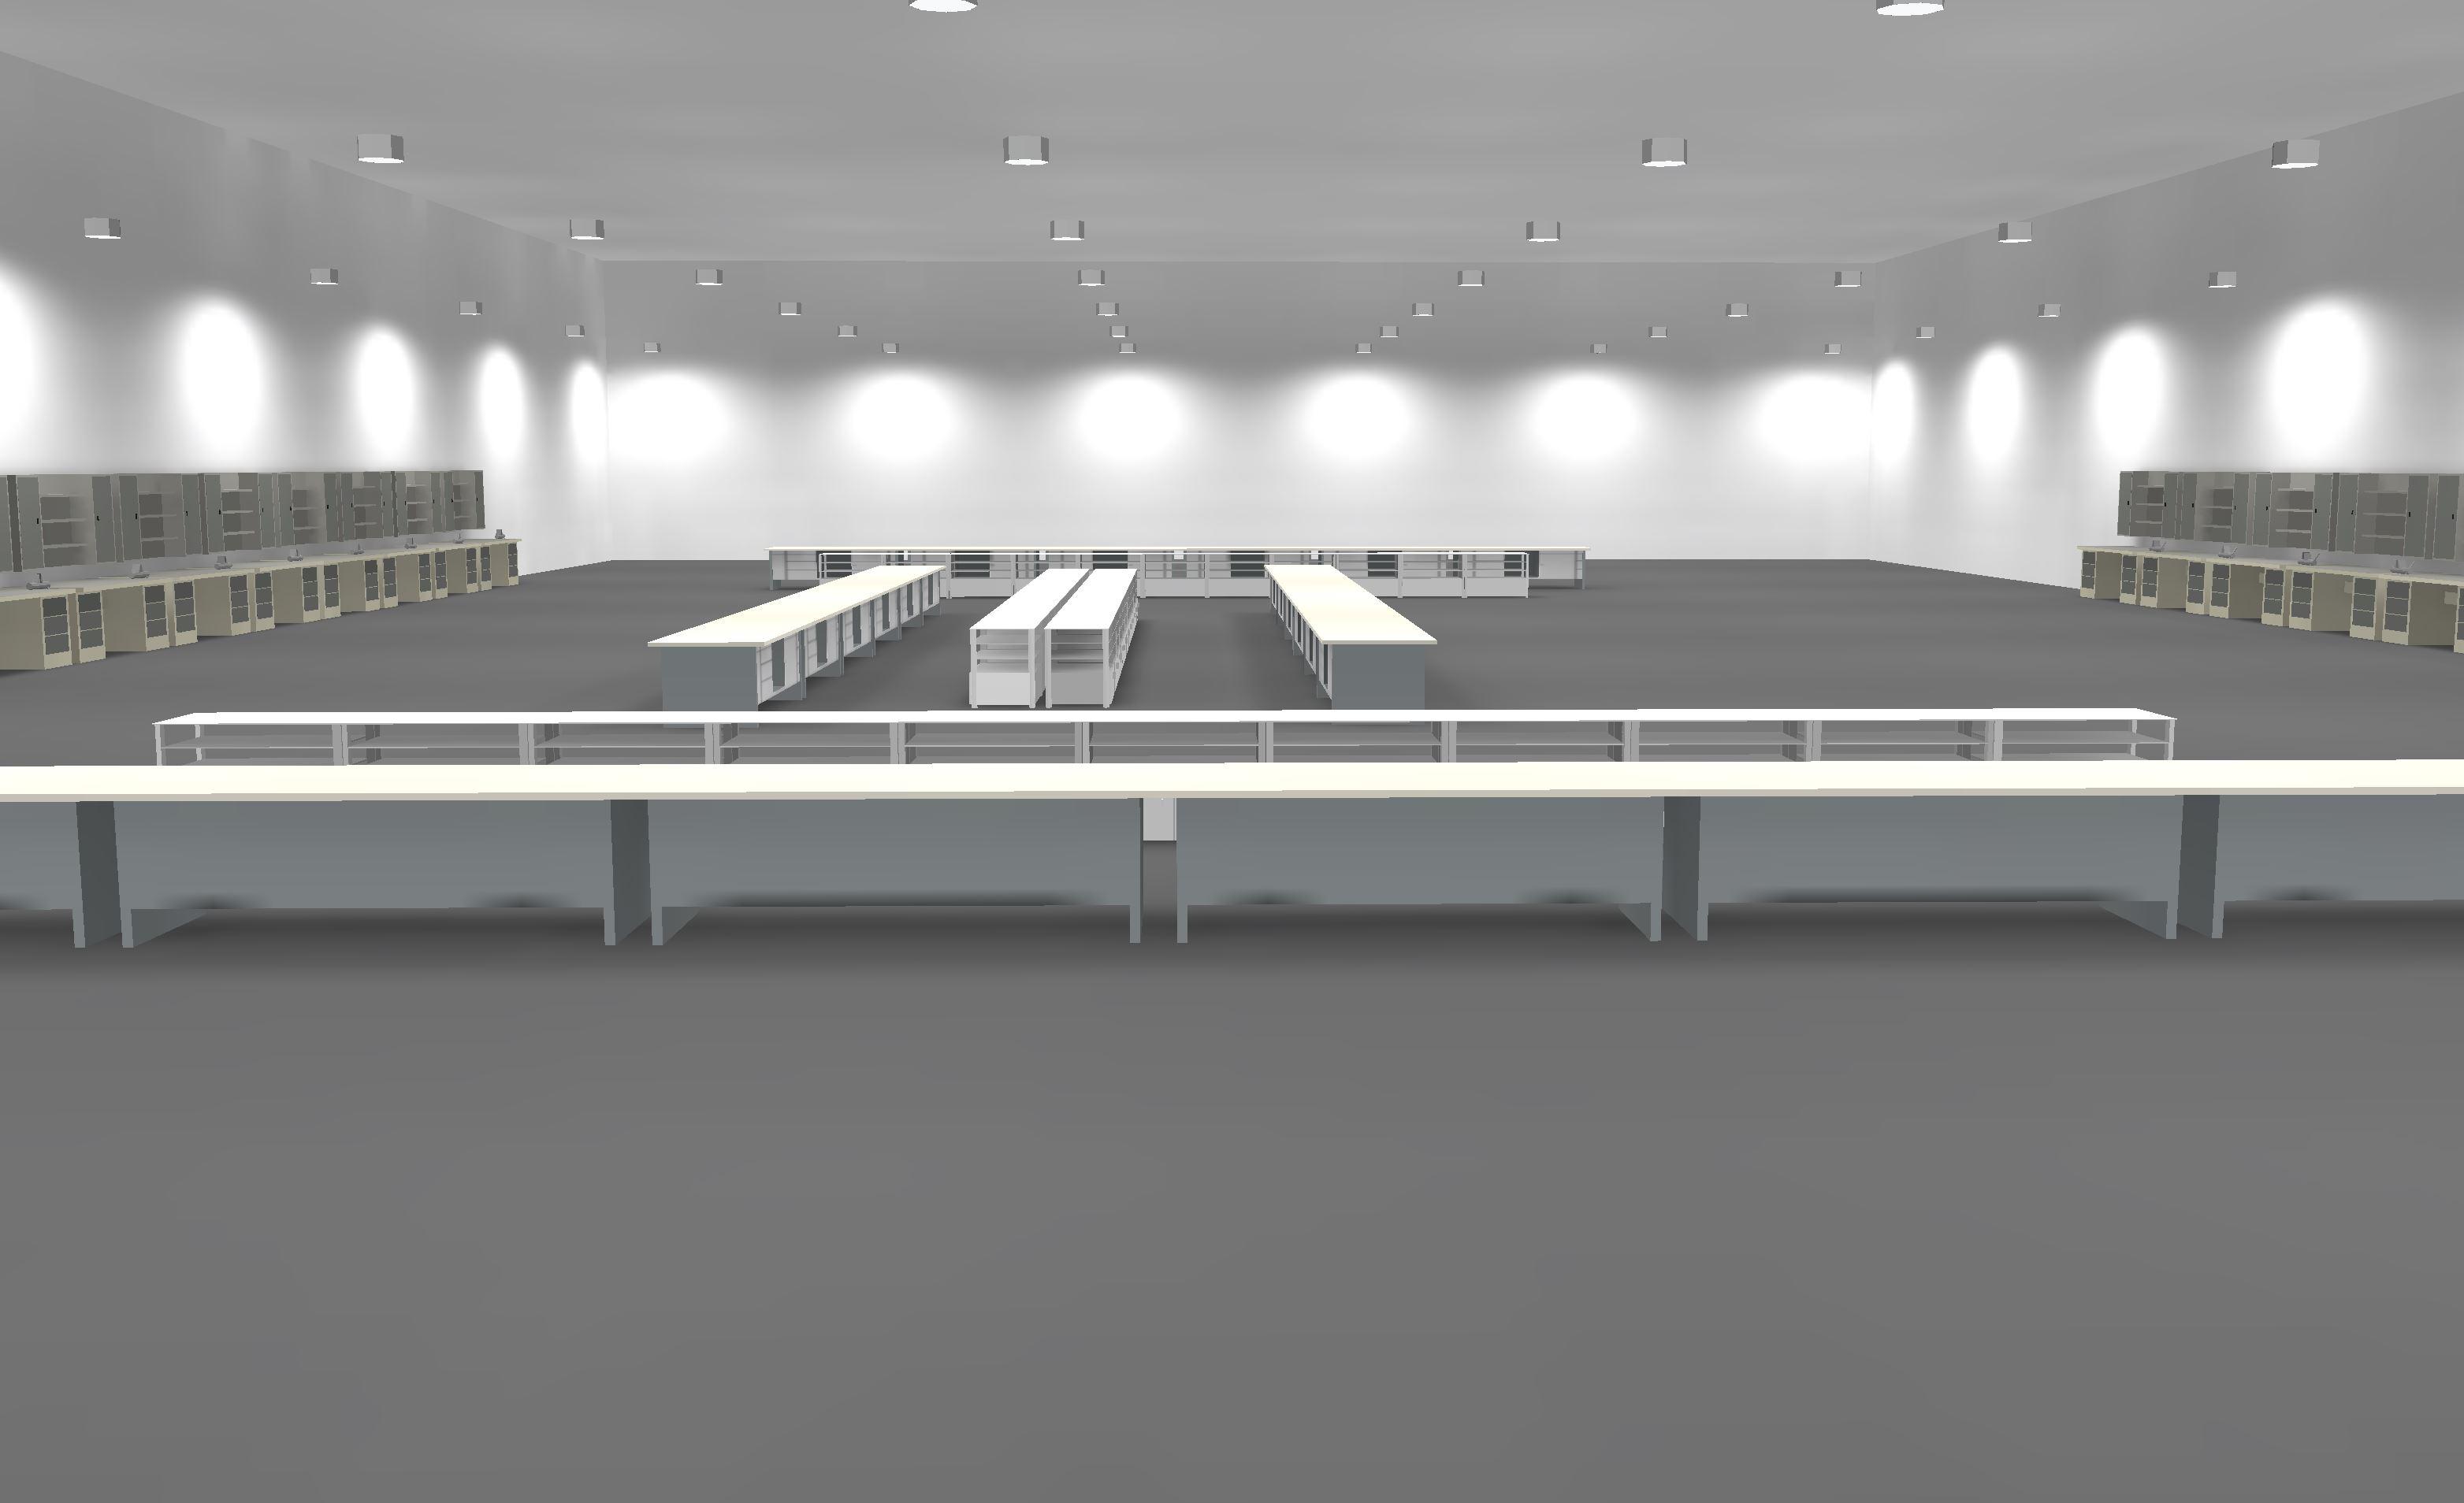 LED Hallenbeleuchtung Musteranlage grobe Montagearbeiten